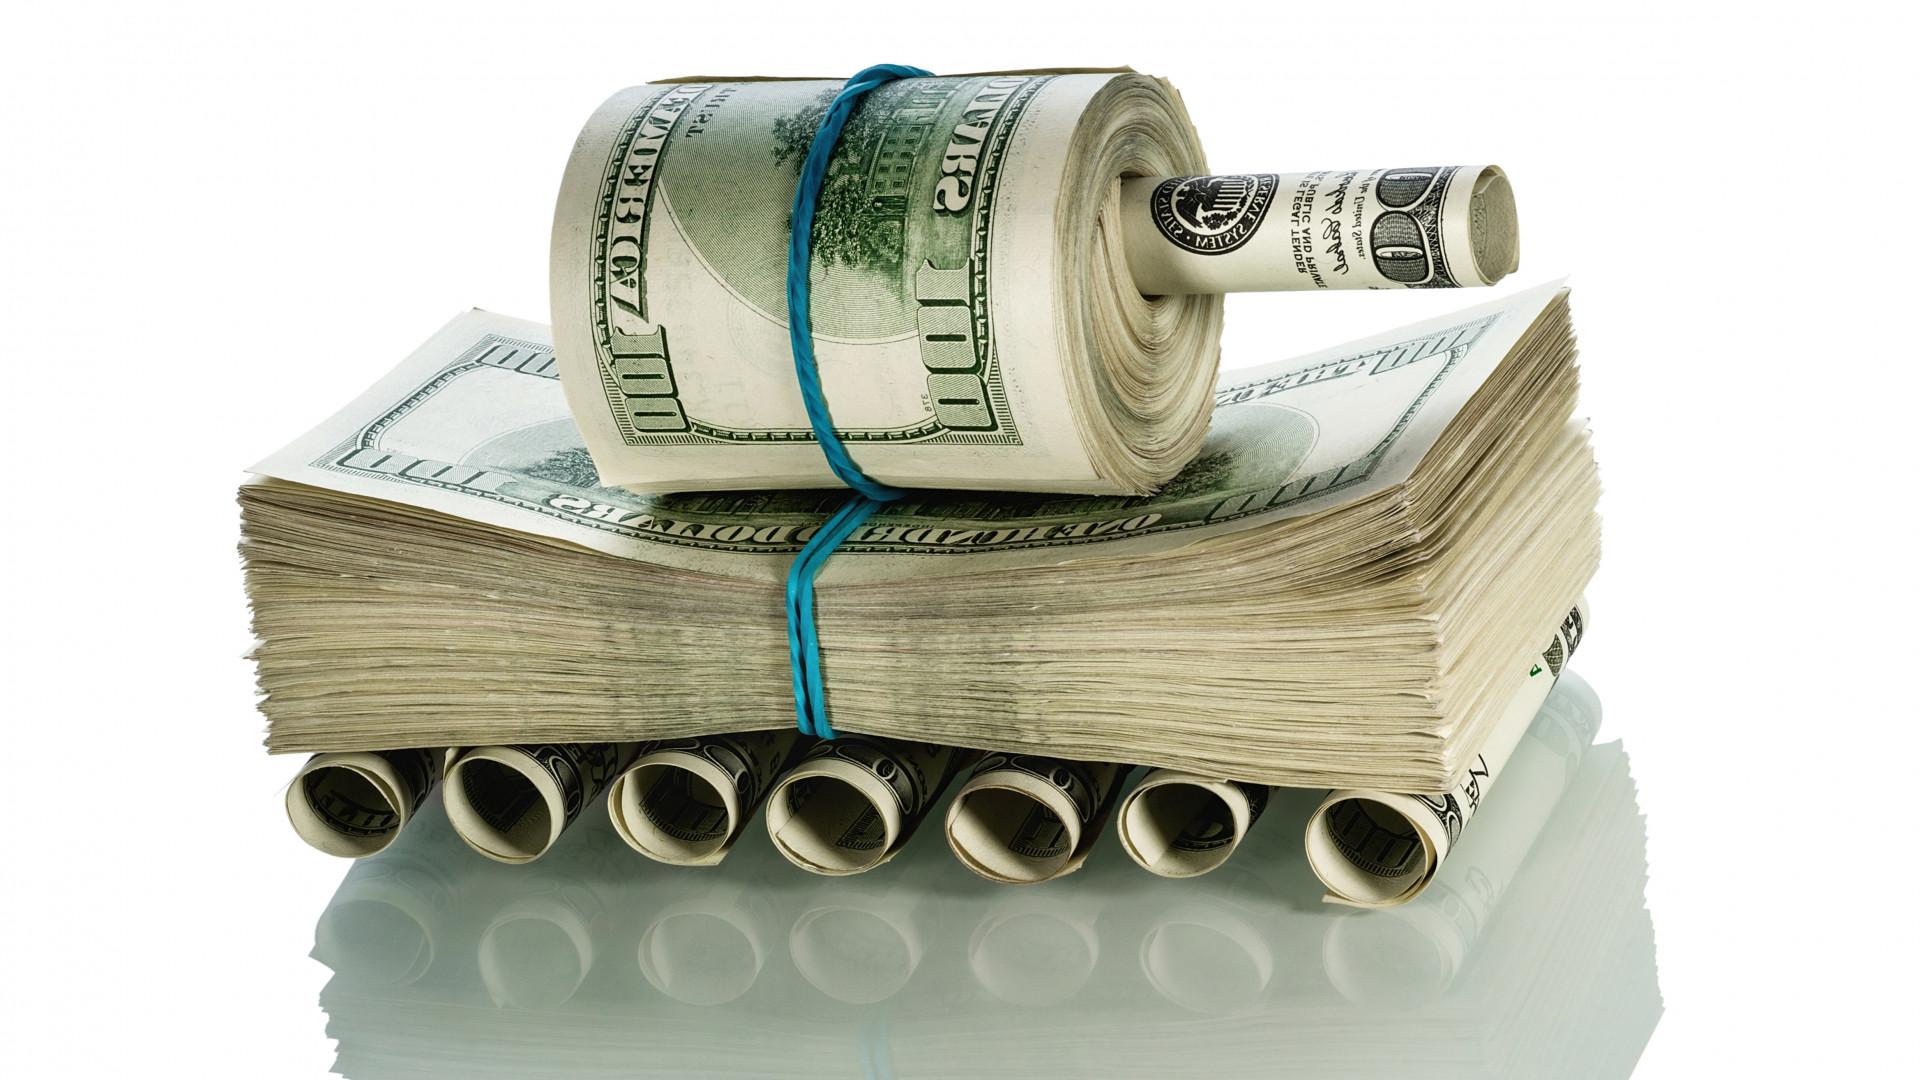 bevétel az interneten napi 6 dollár)